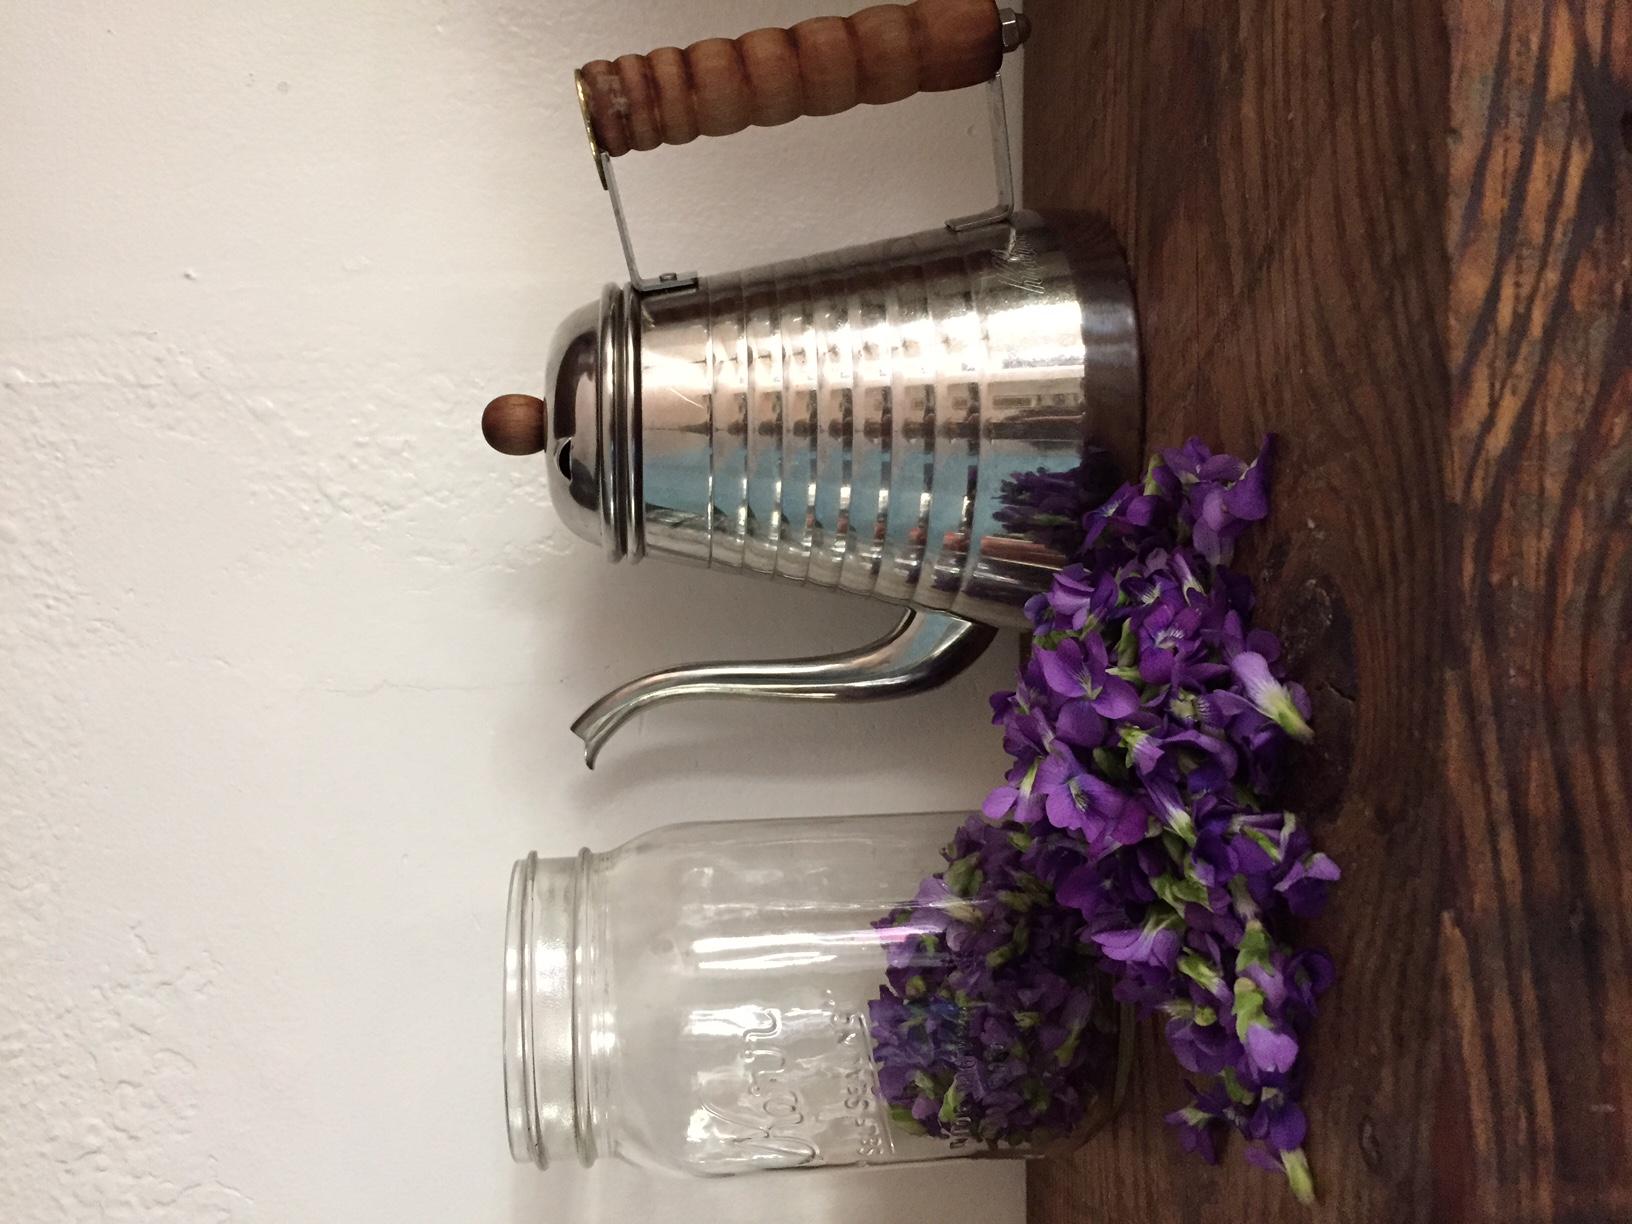 Violet cocktail